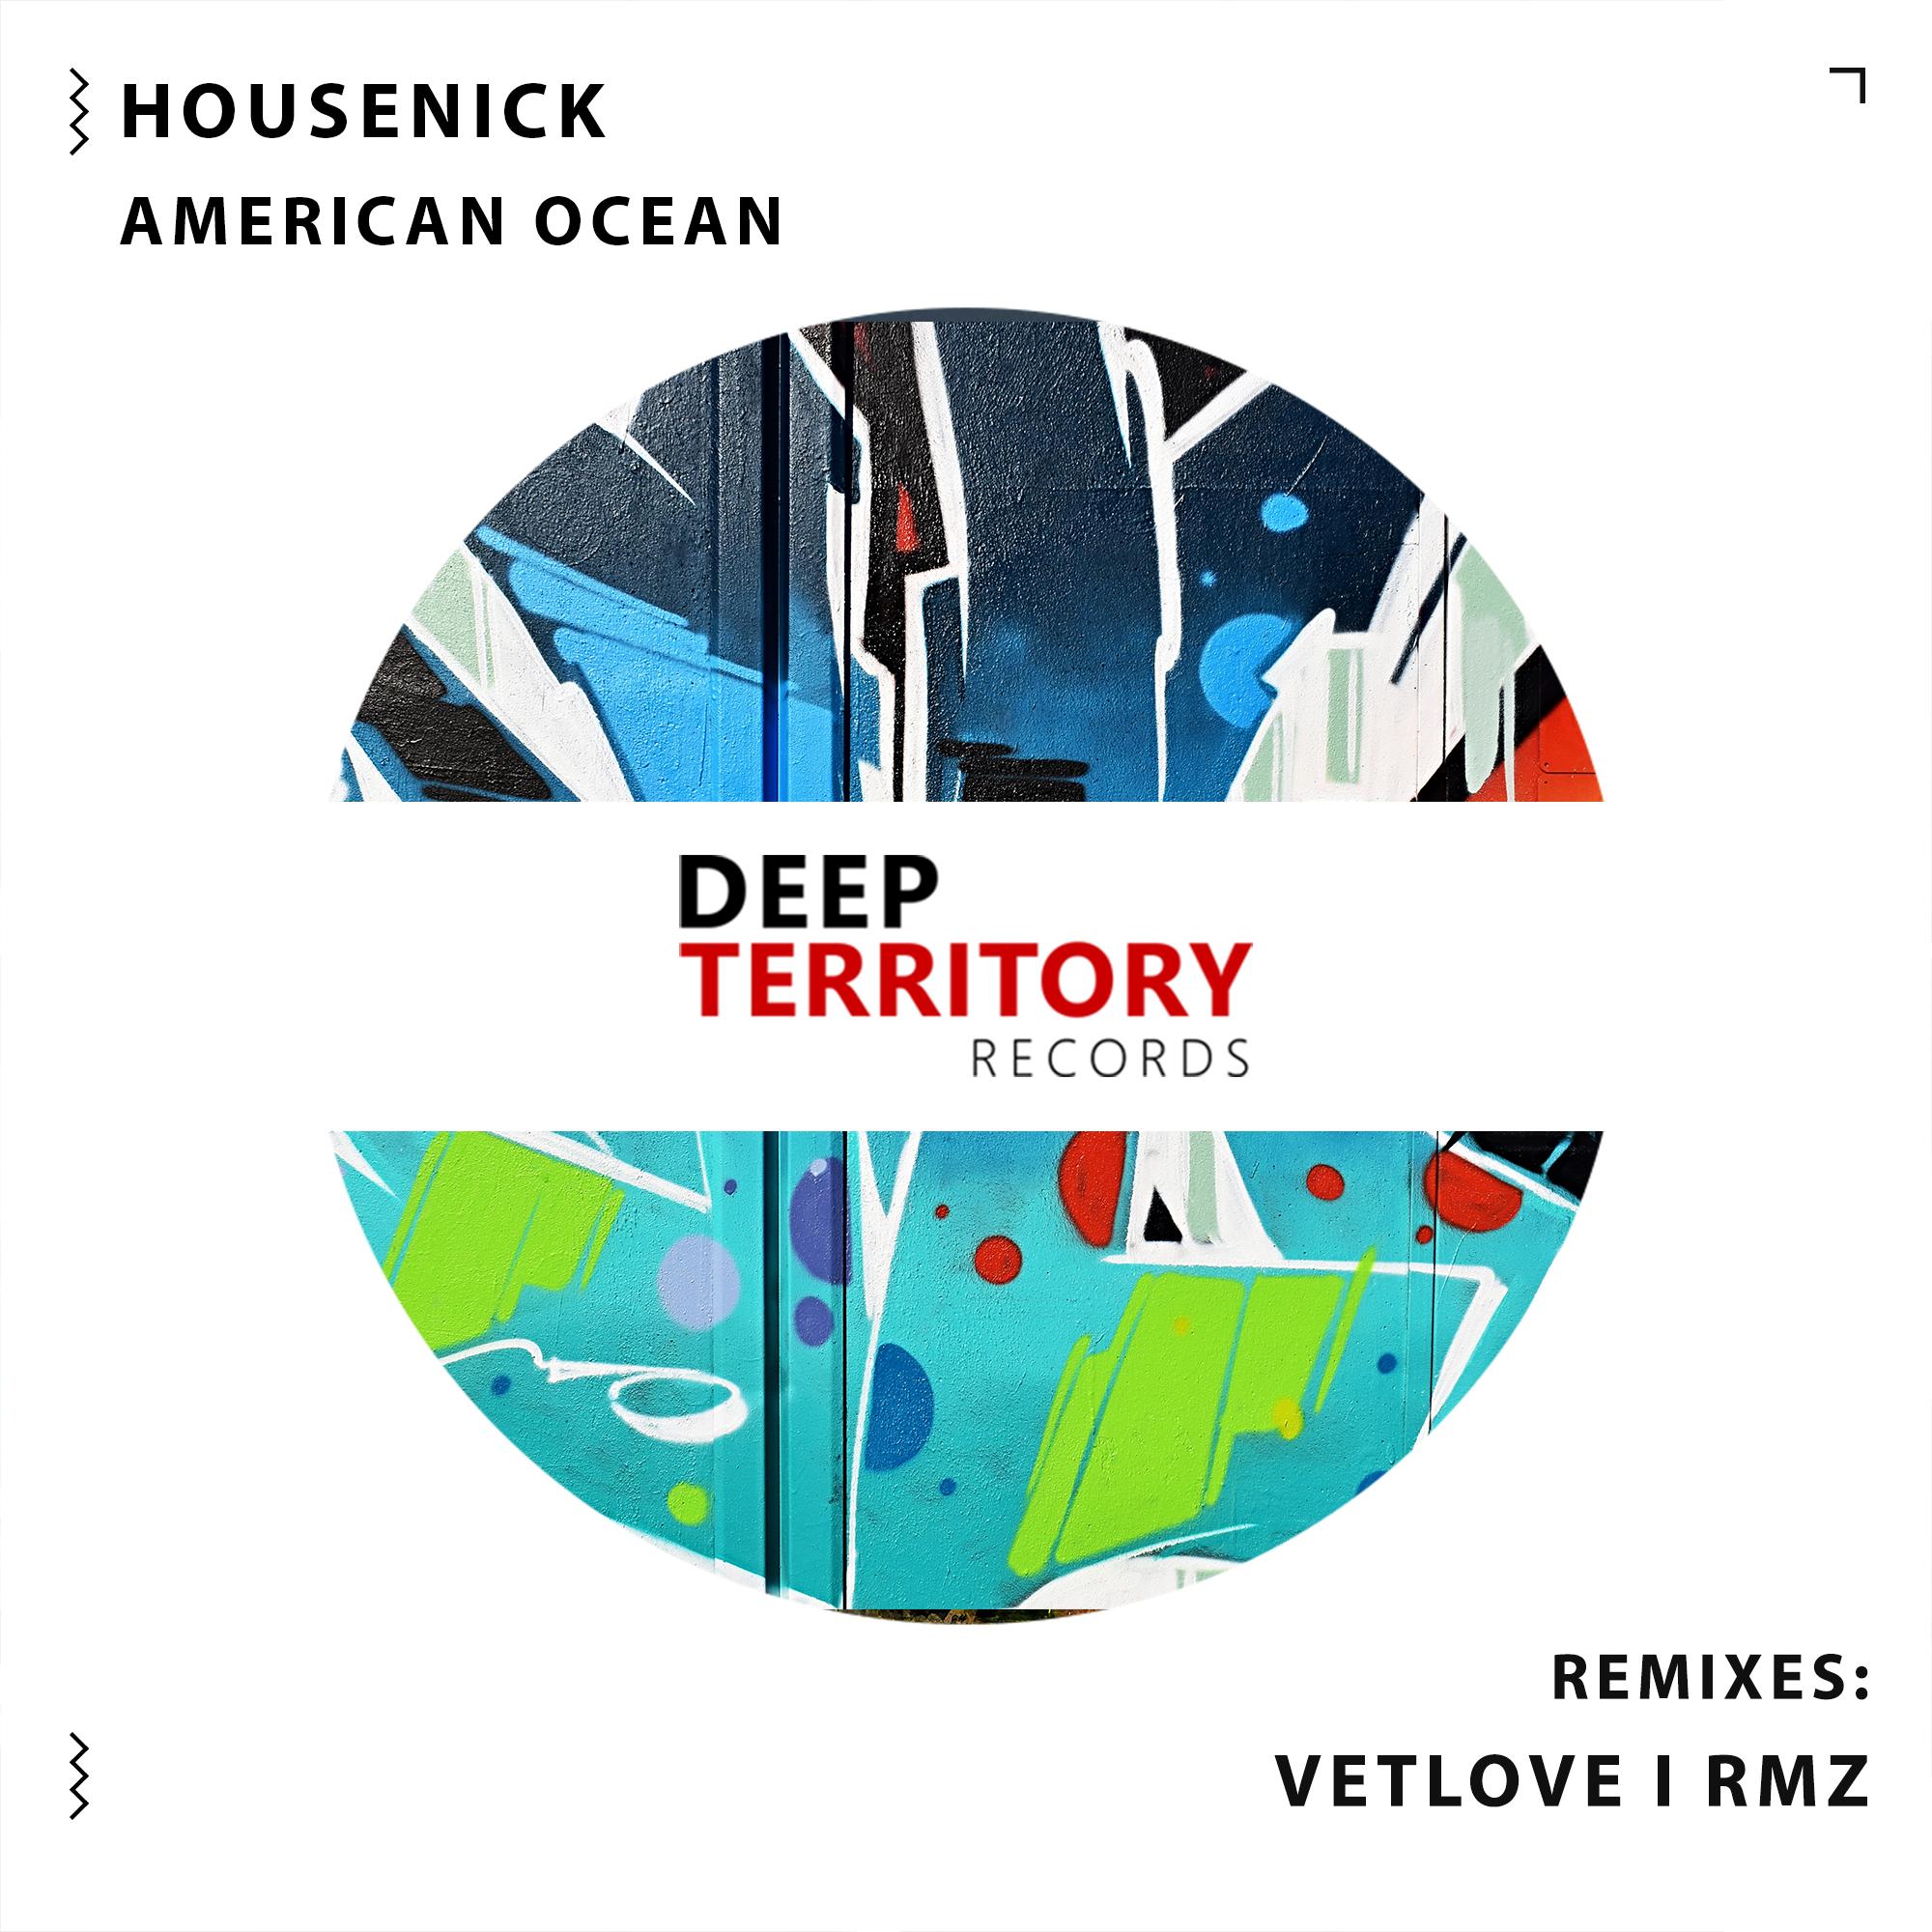 Housenick - American Ocean